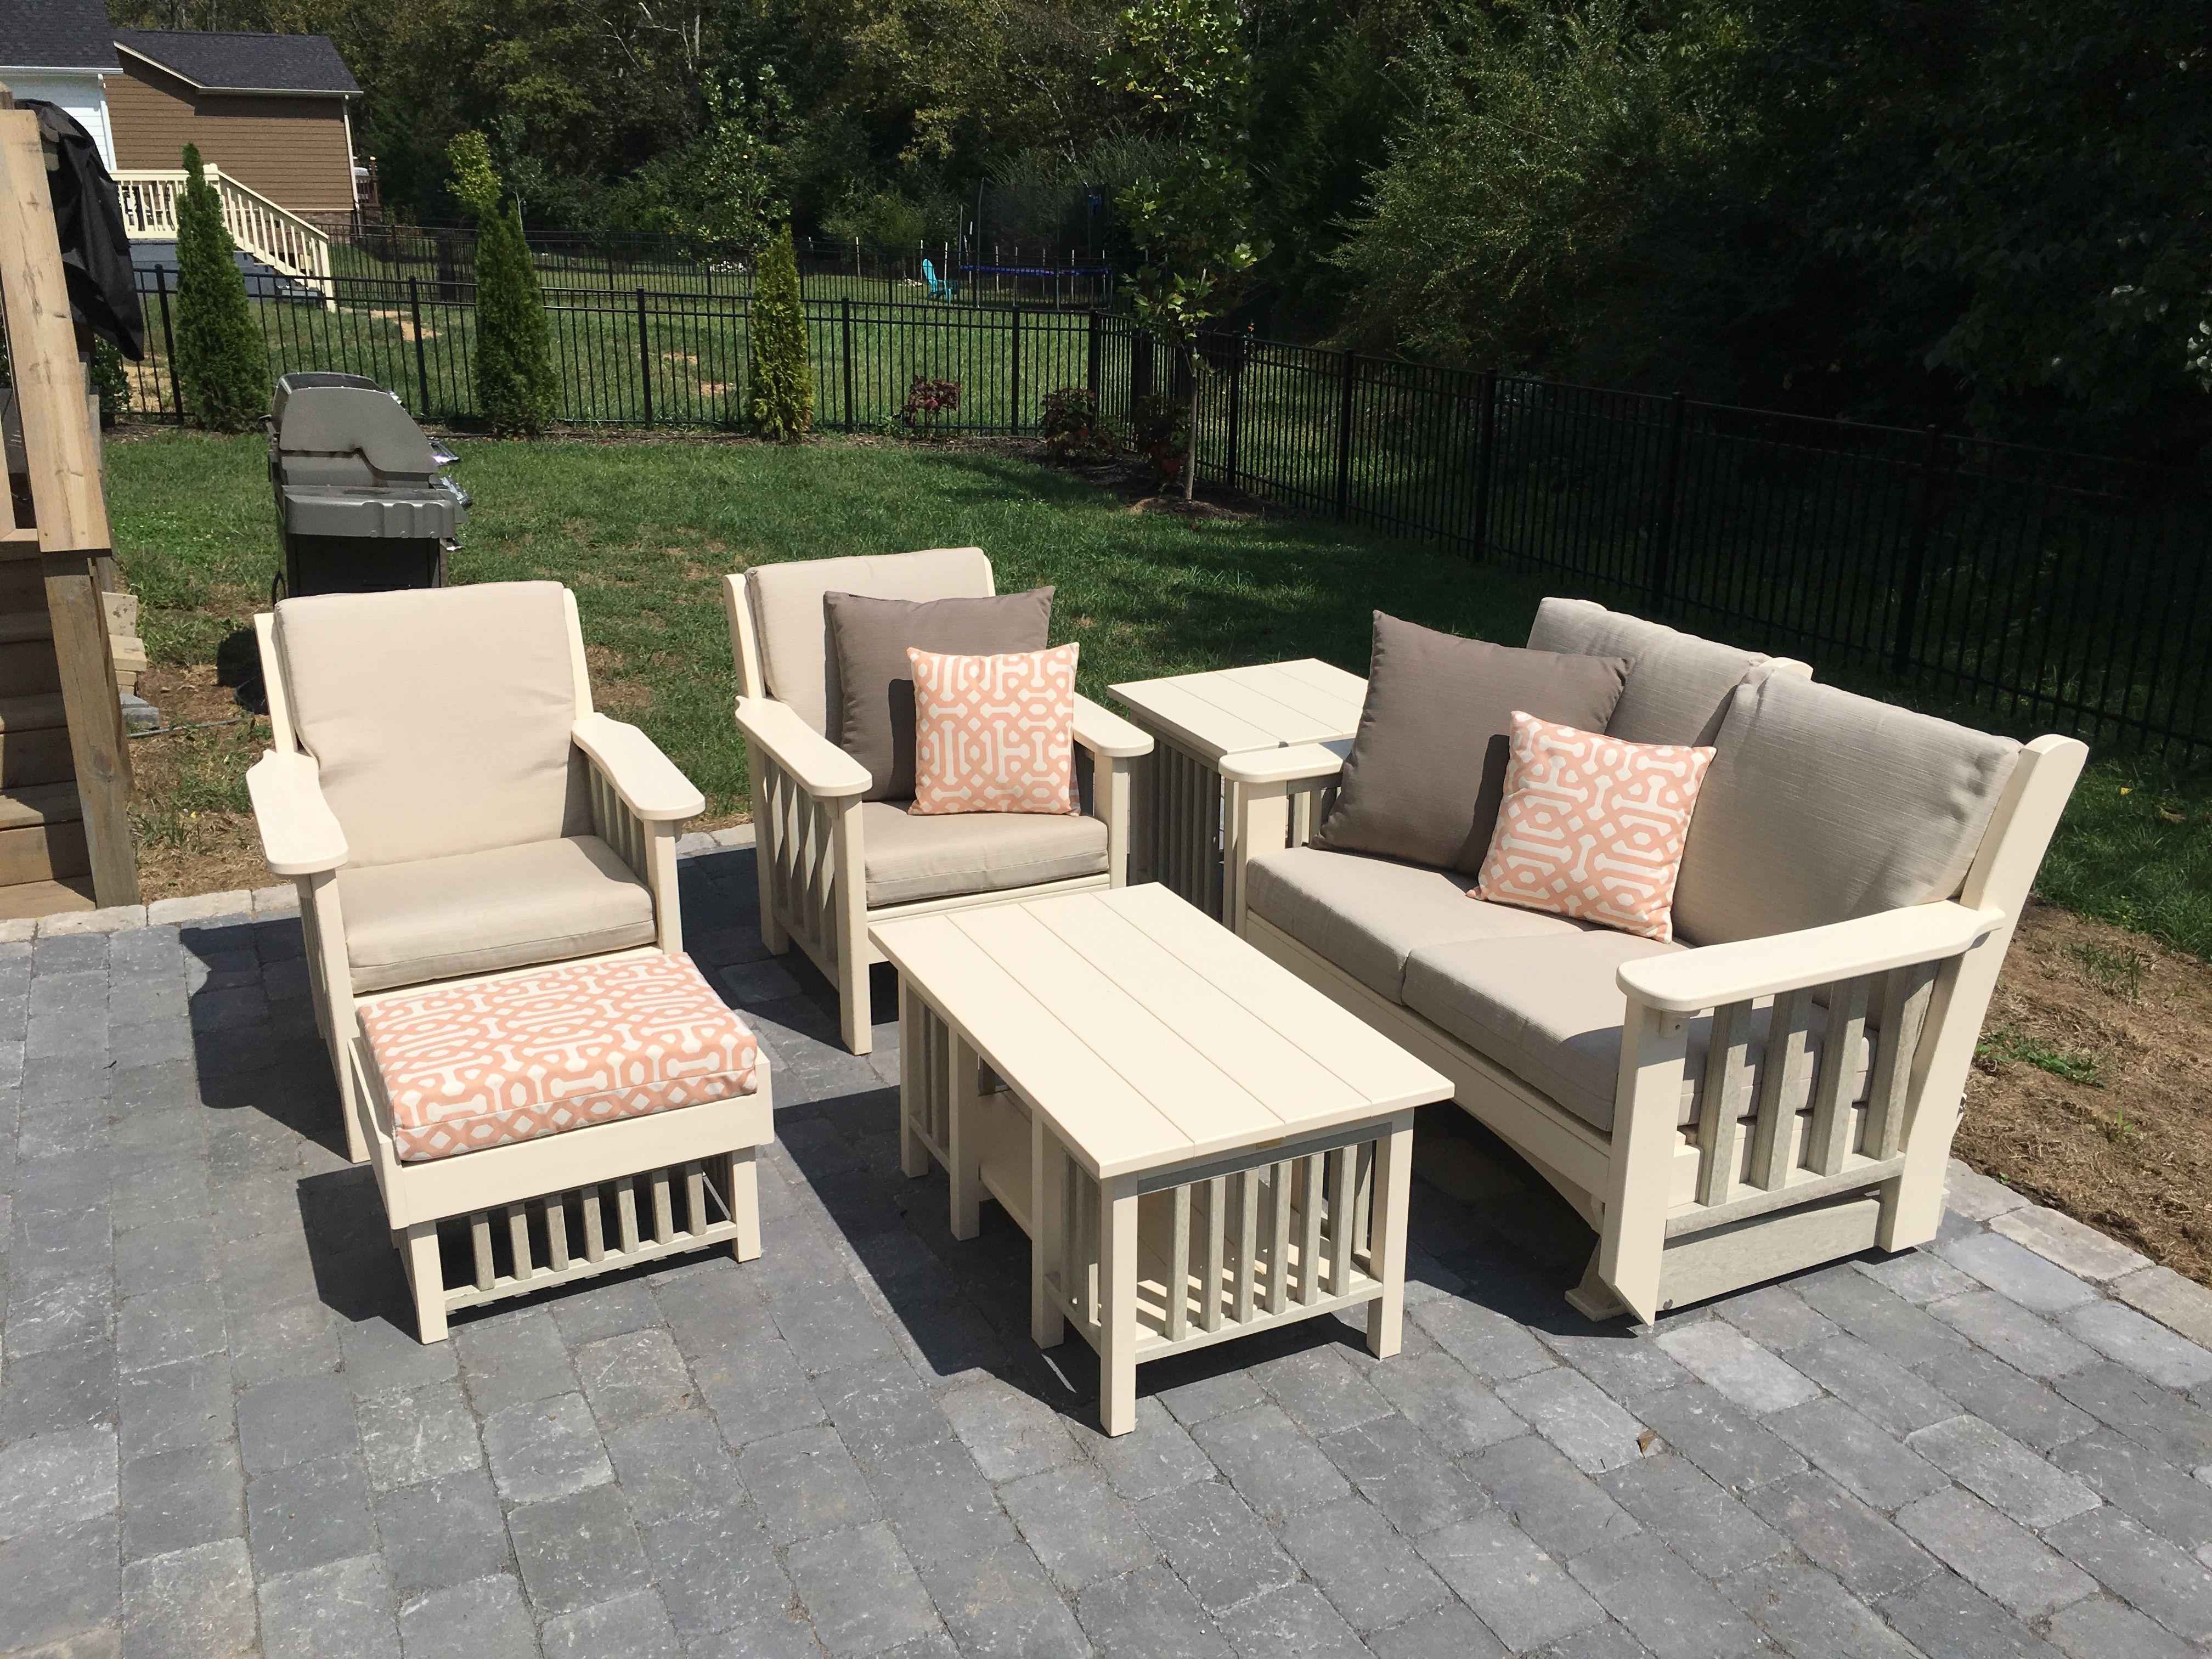 Exceptionnel Building Furniture, Shed Storage, Amish, Nashville, Outdoor Furniture Sets